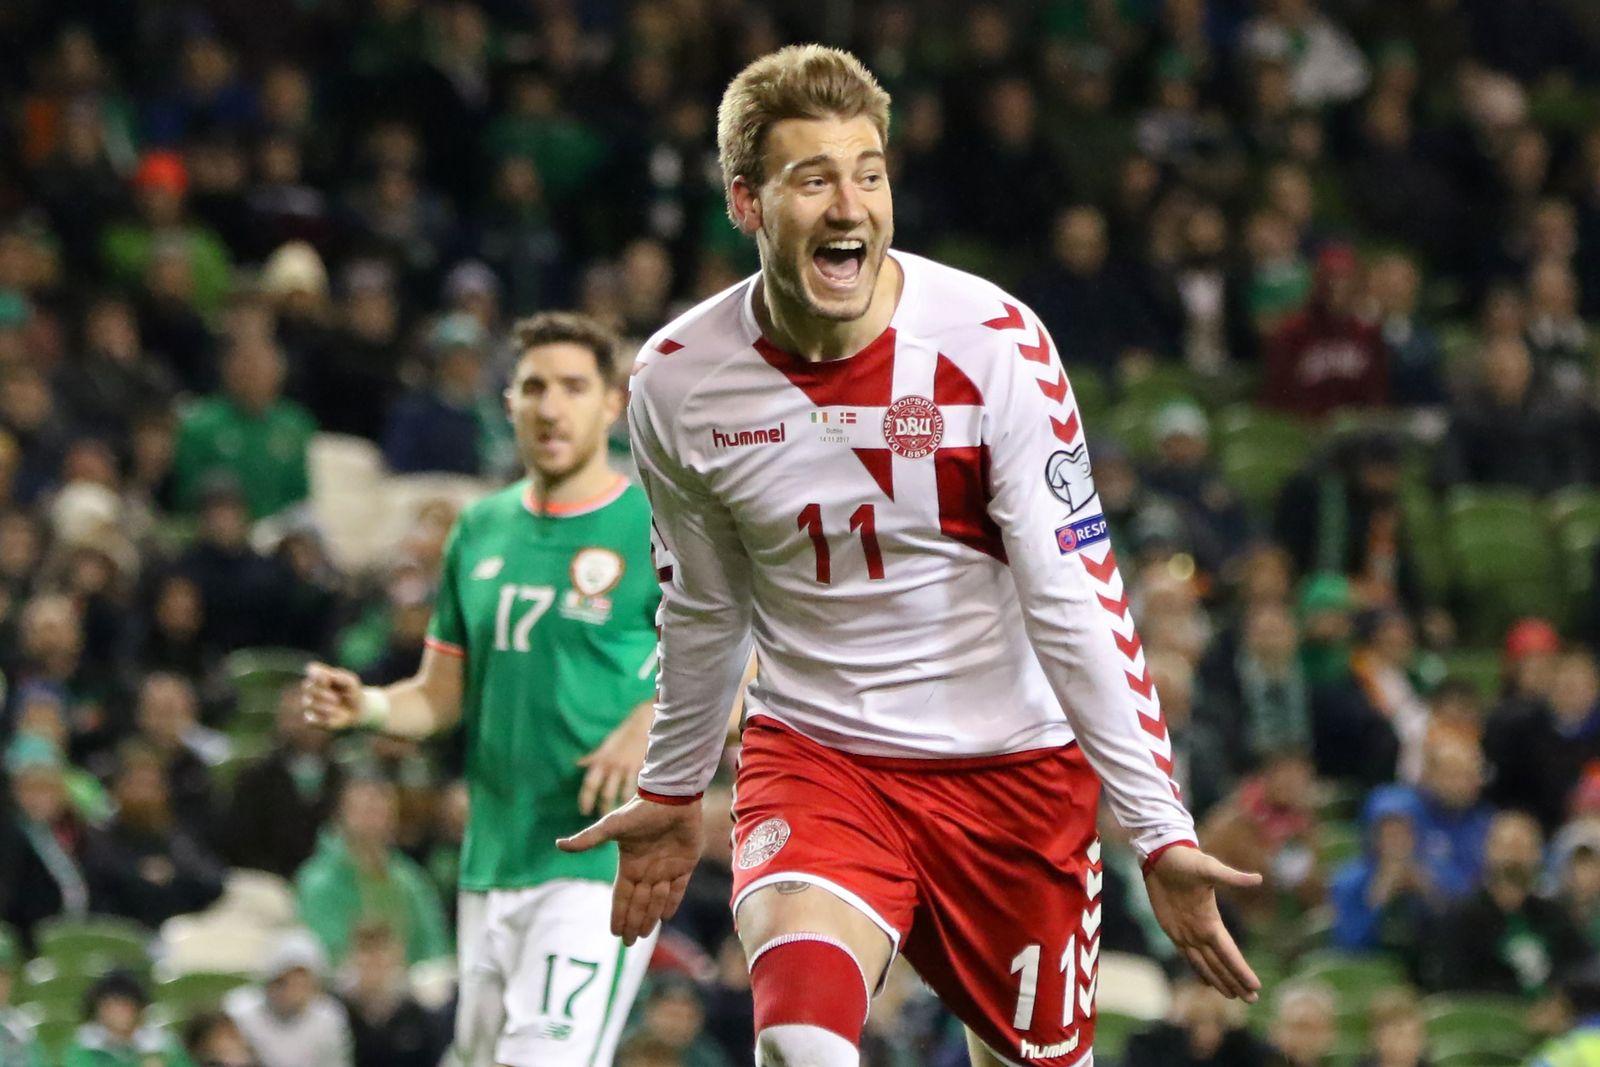 Fußball / WM / Dänemark / Hummel